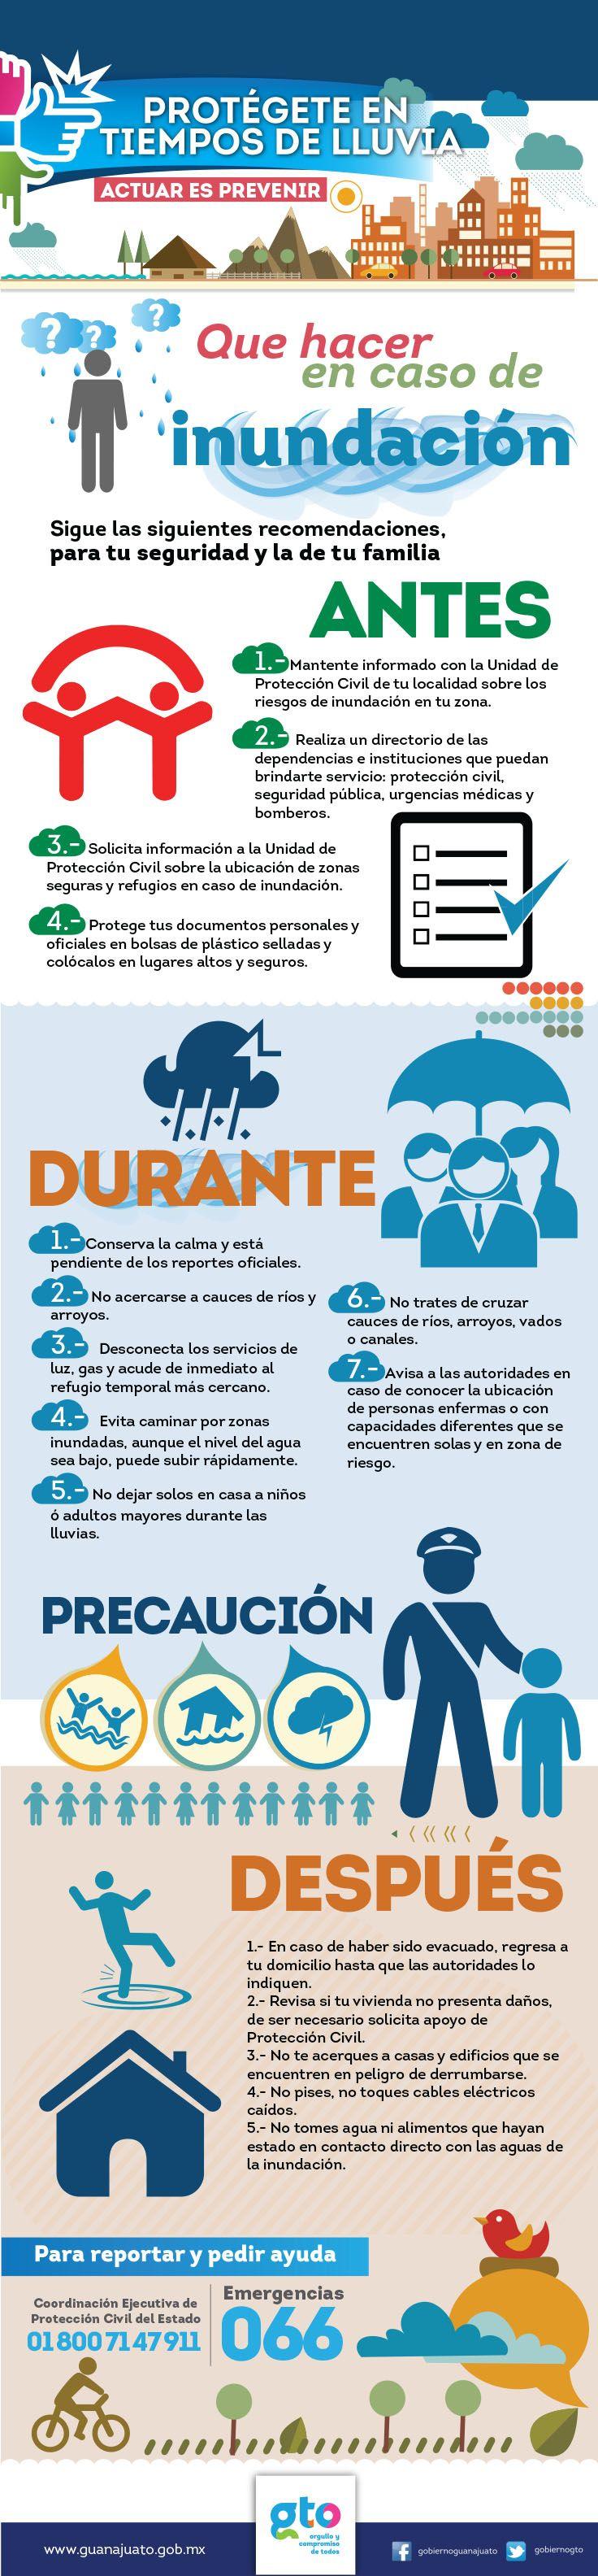 Protégete en tiempos de lluvia. Que hacer en caso de